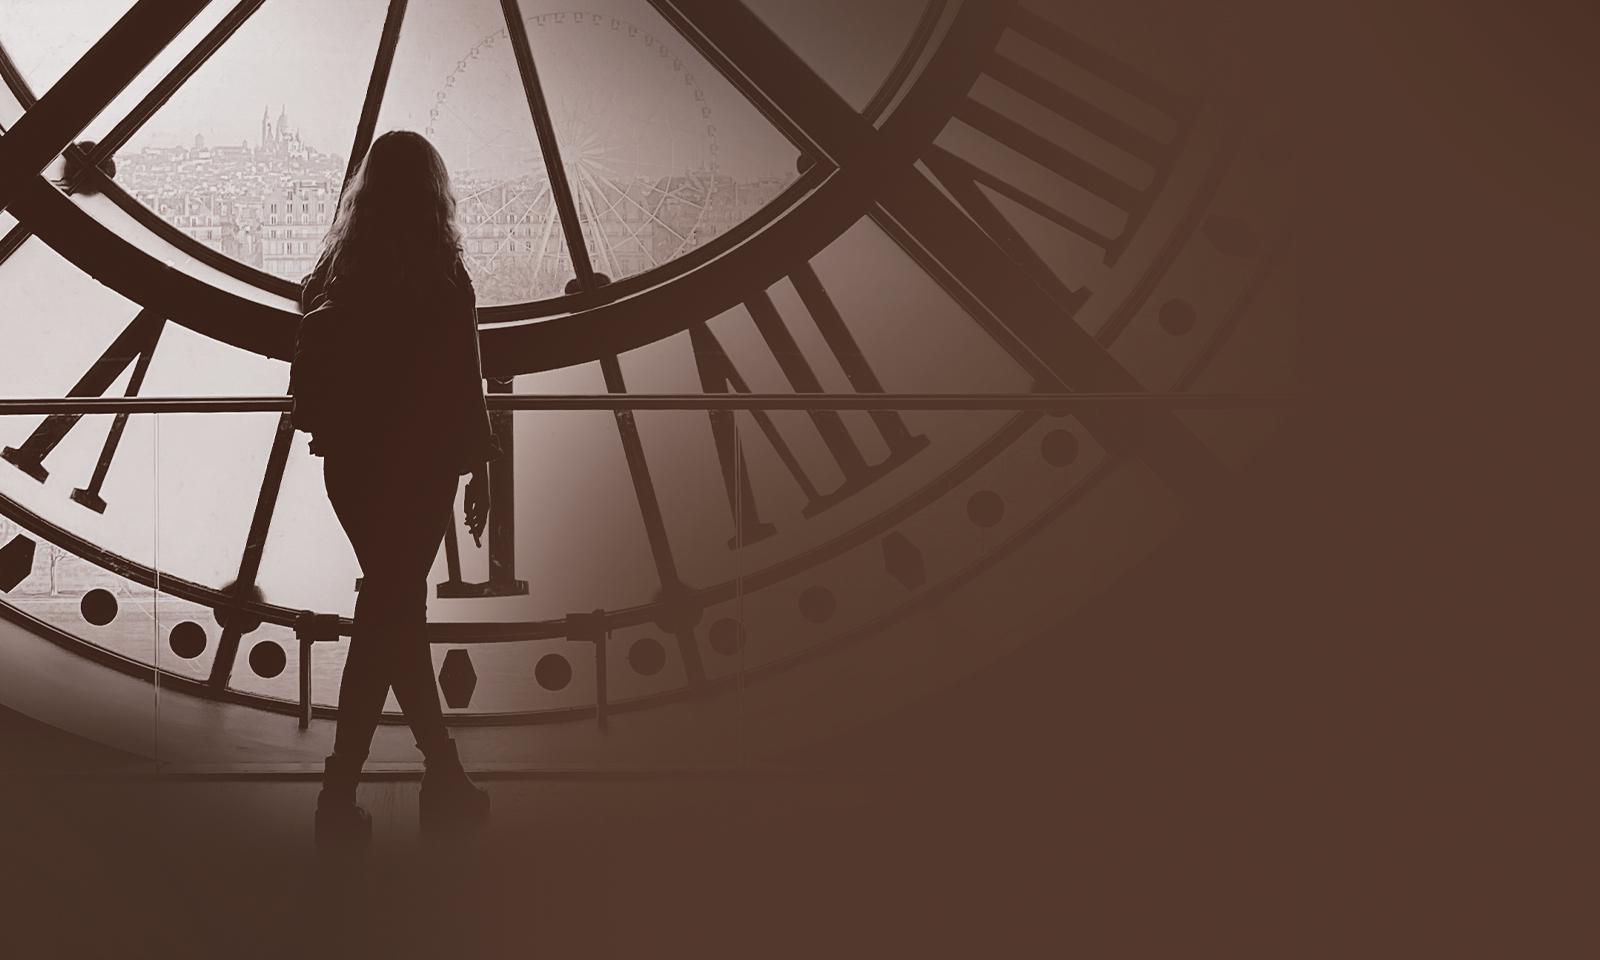 tempo de avançar